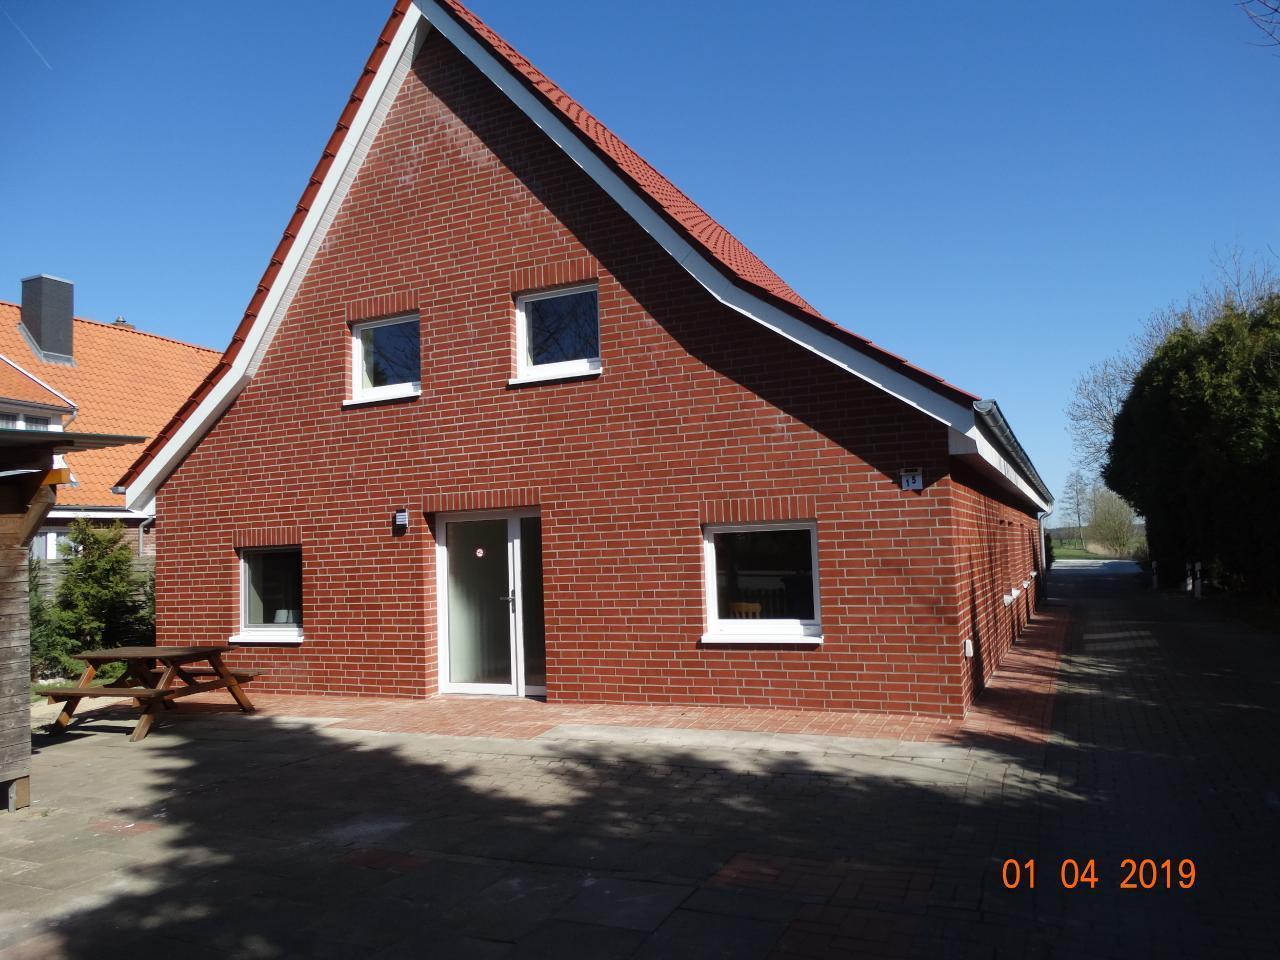 Ferienhaus Elli Landkreis Cuxhaven auch für R  in Europa